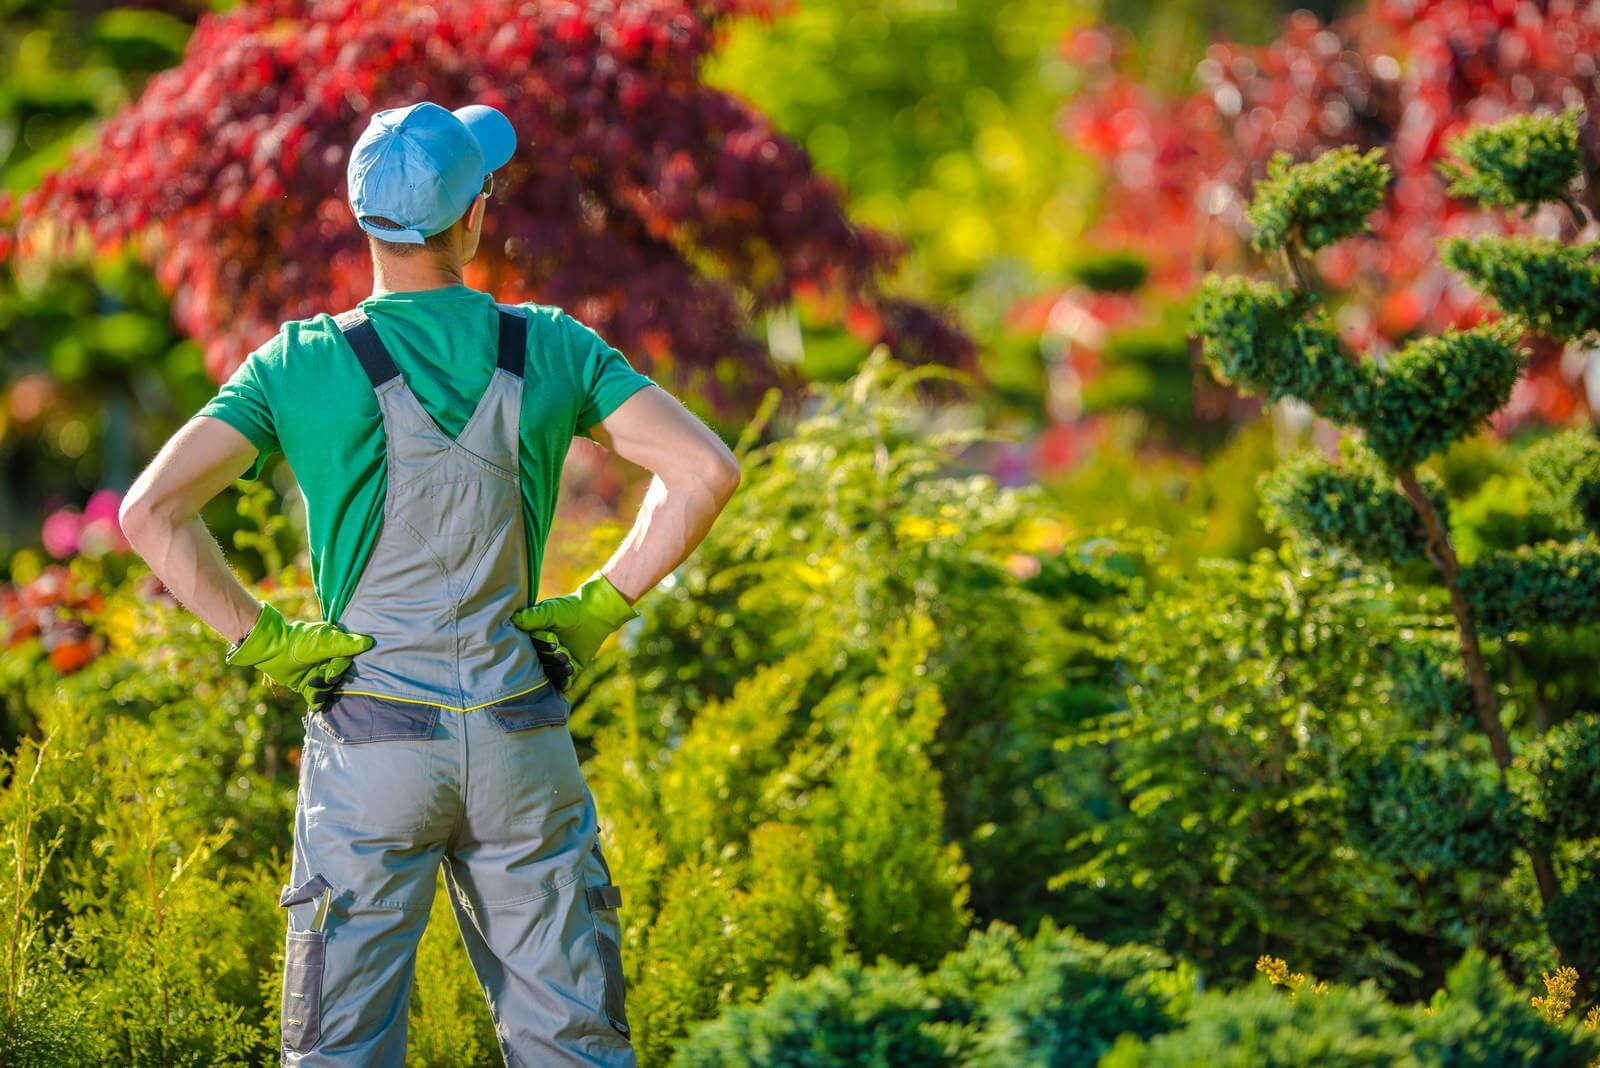 profesjonalna usługa pielęgnacji ogrodów w warszawie